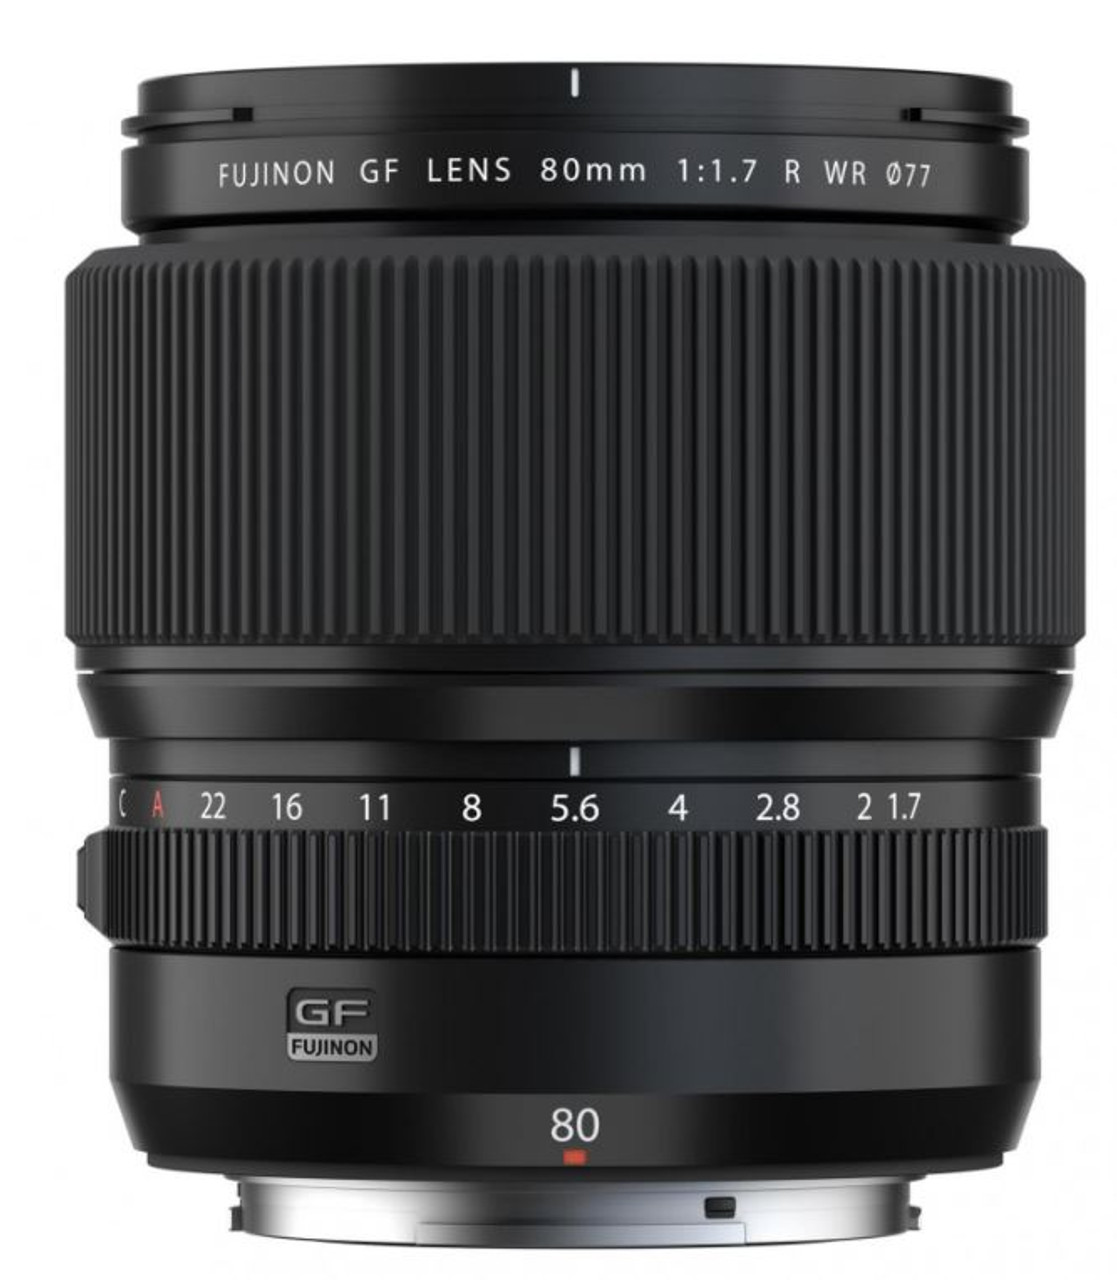 Fujifilm GF 80mm f/1.7 R WR Lens